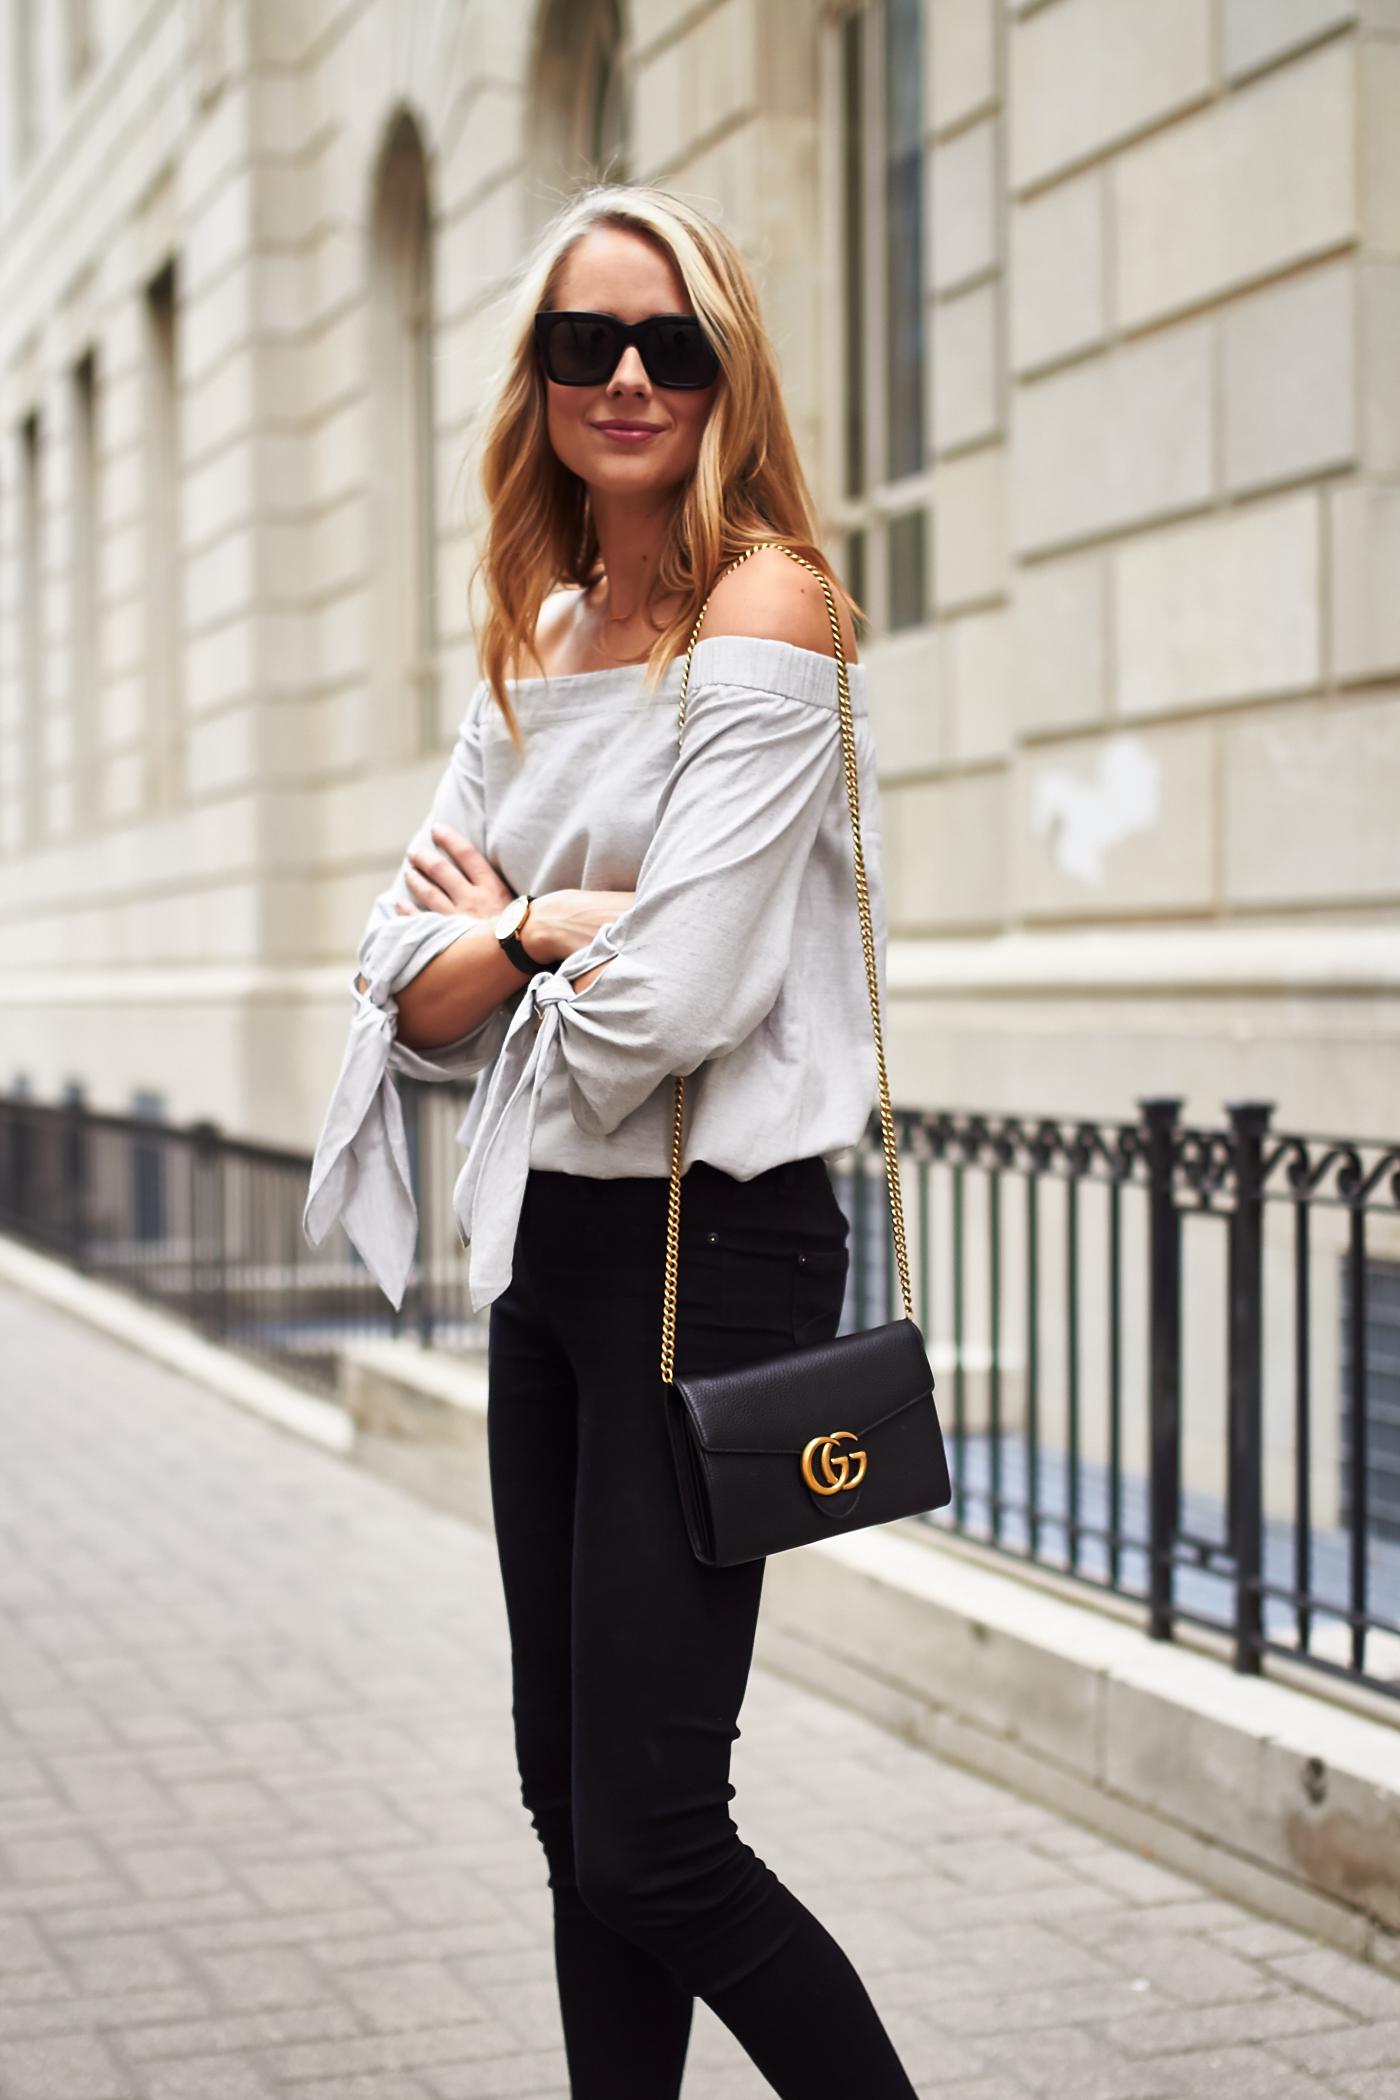 b8b7746ecdd09 fashion-jackson-gucci-marmont-handbag-club-monaco-grey-